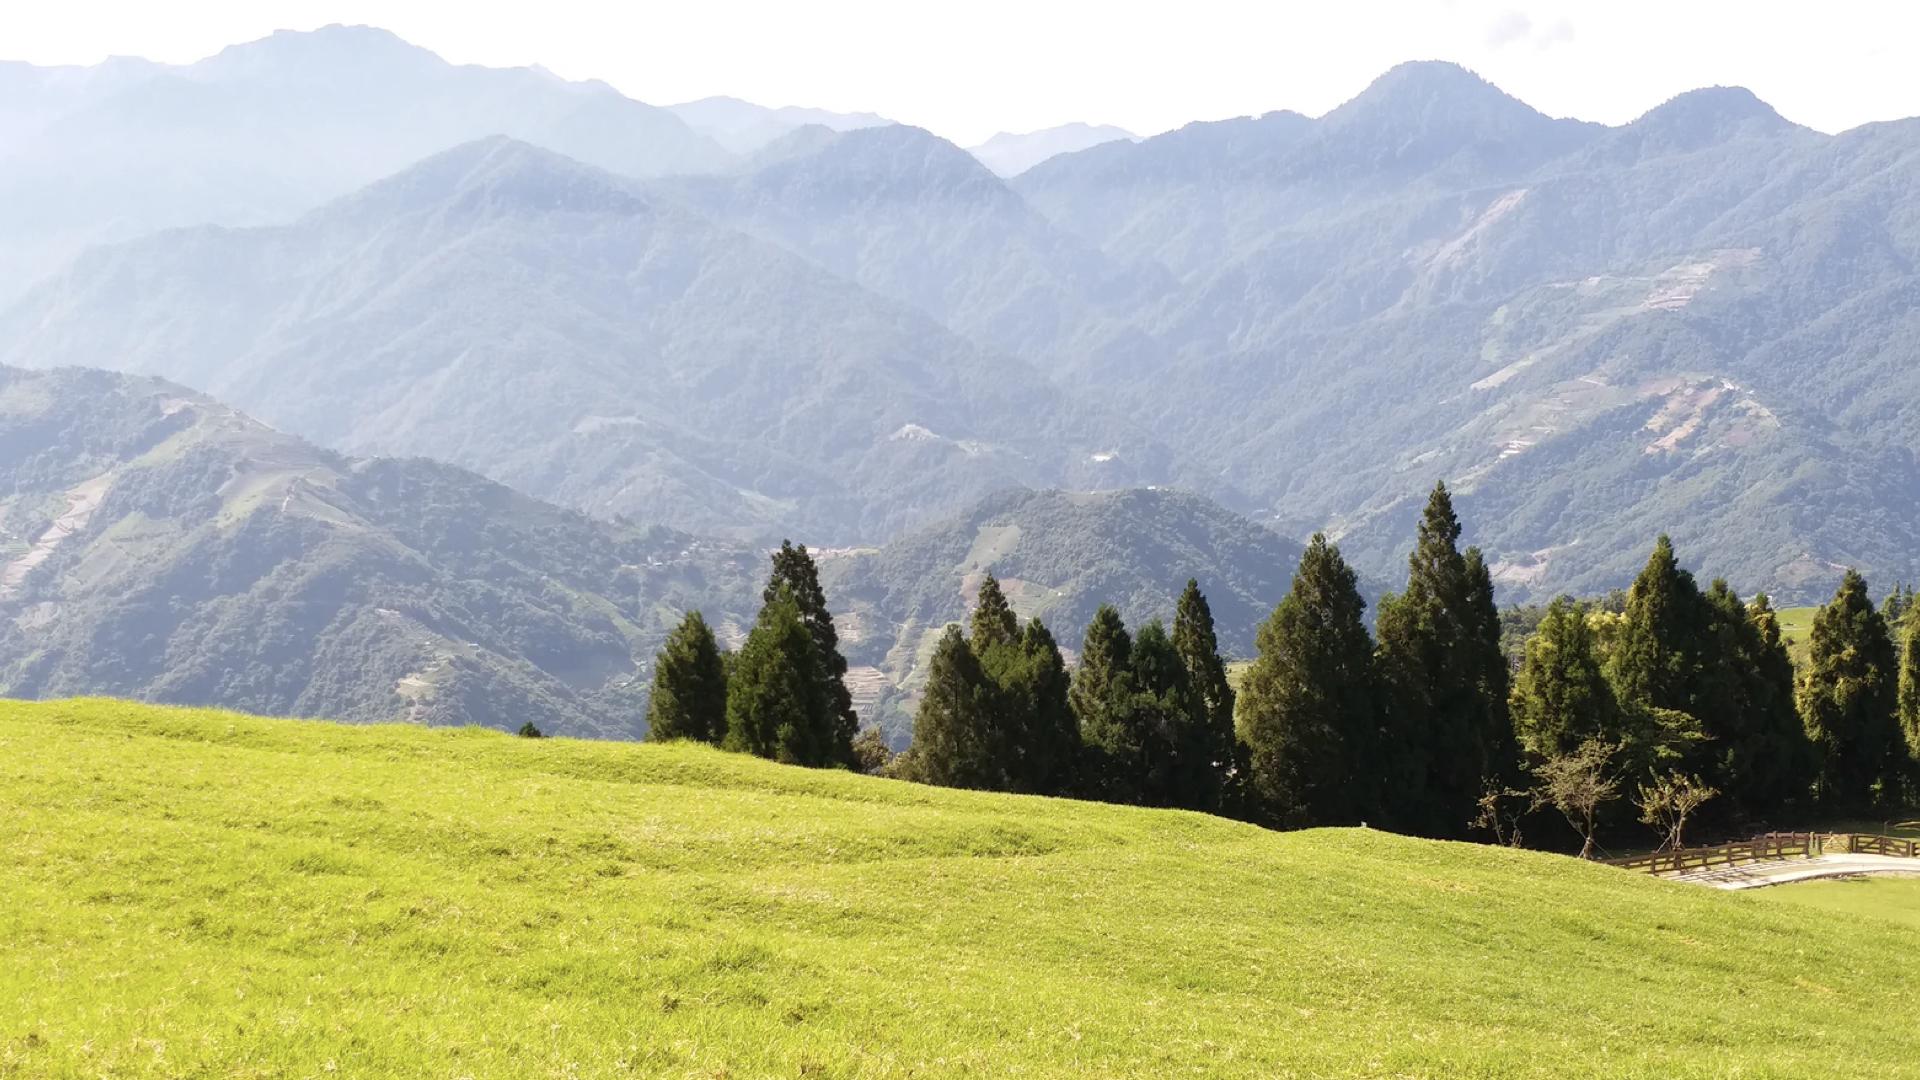 台東清幽風景,一片草原,後面群山環繞